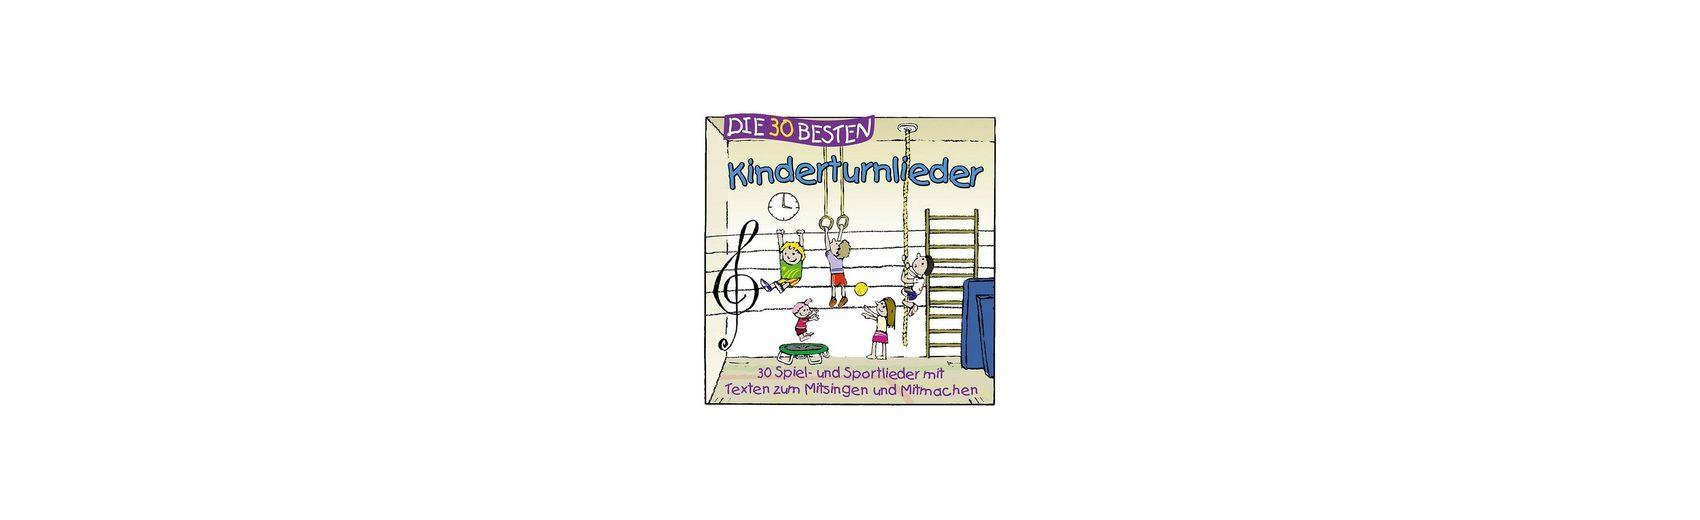 Universal Music GmbH CD Die 30 besten Kinderturnlieder